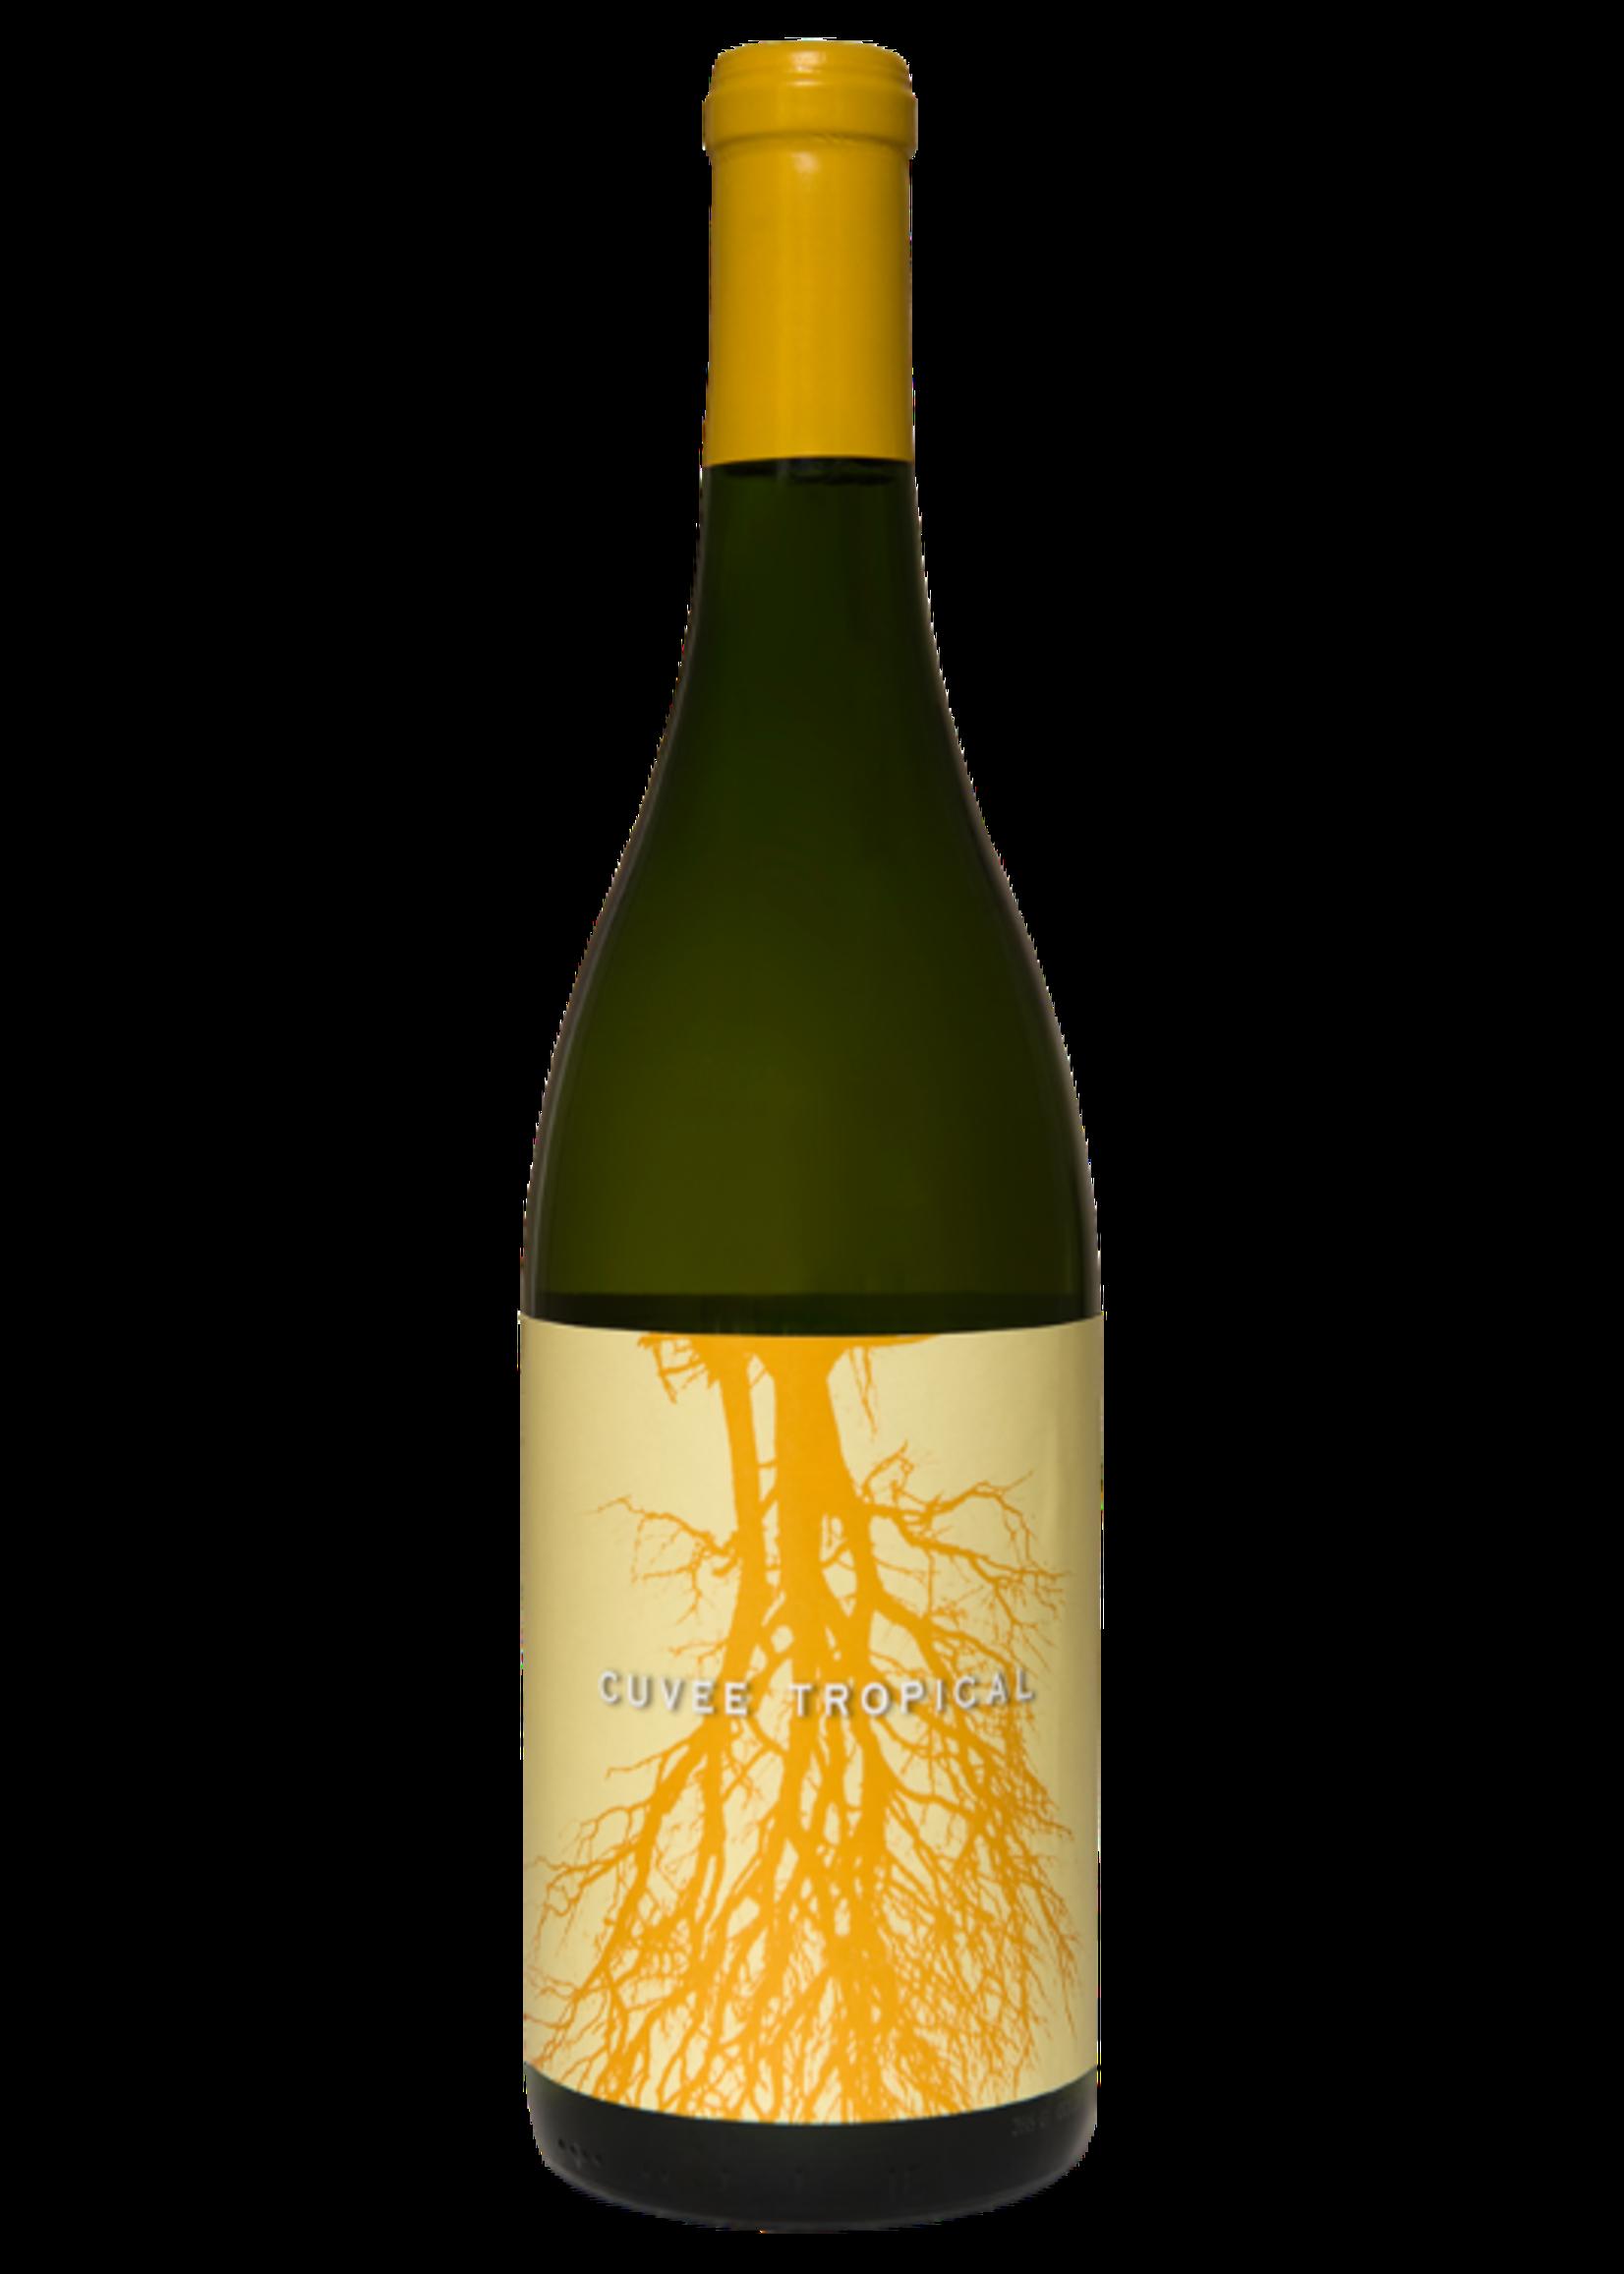 Channing Daughters Winery Channing Daughters Winery / Cuvée Tropical 2016 / 750mL